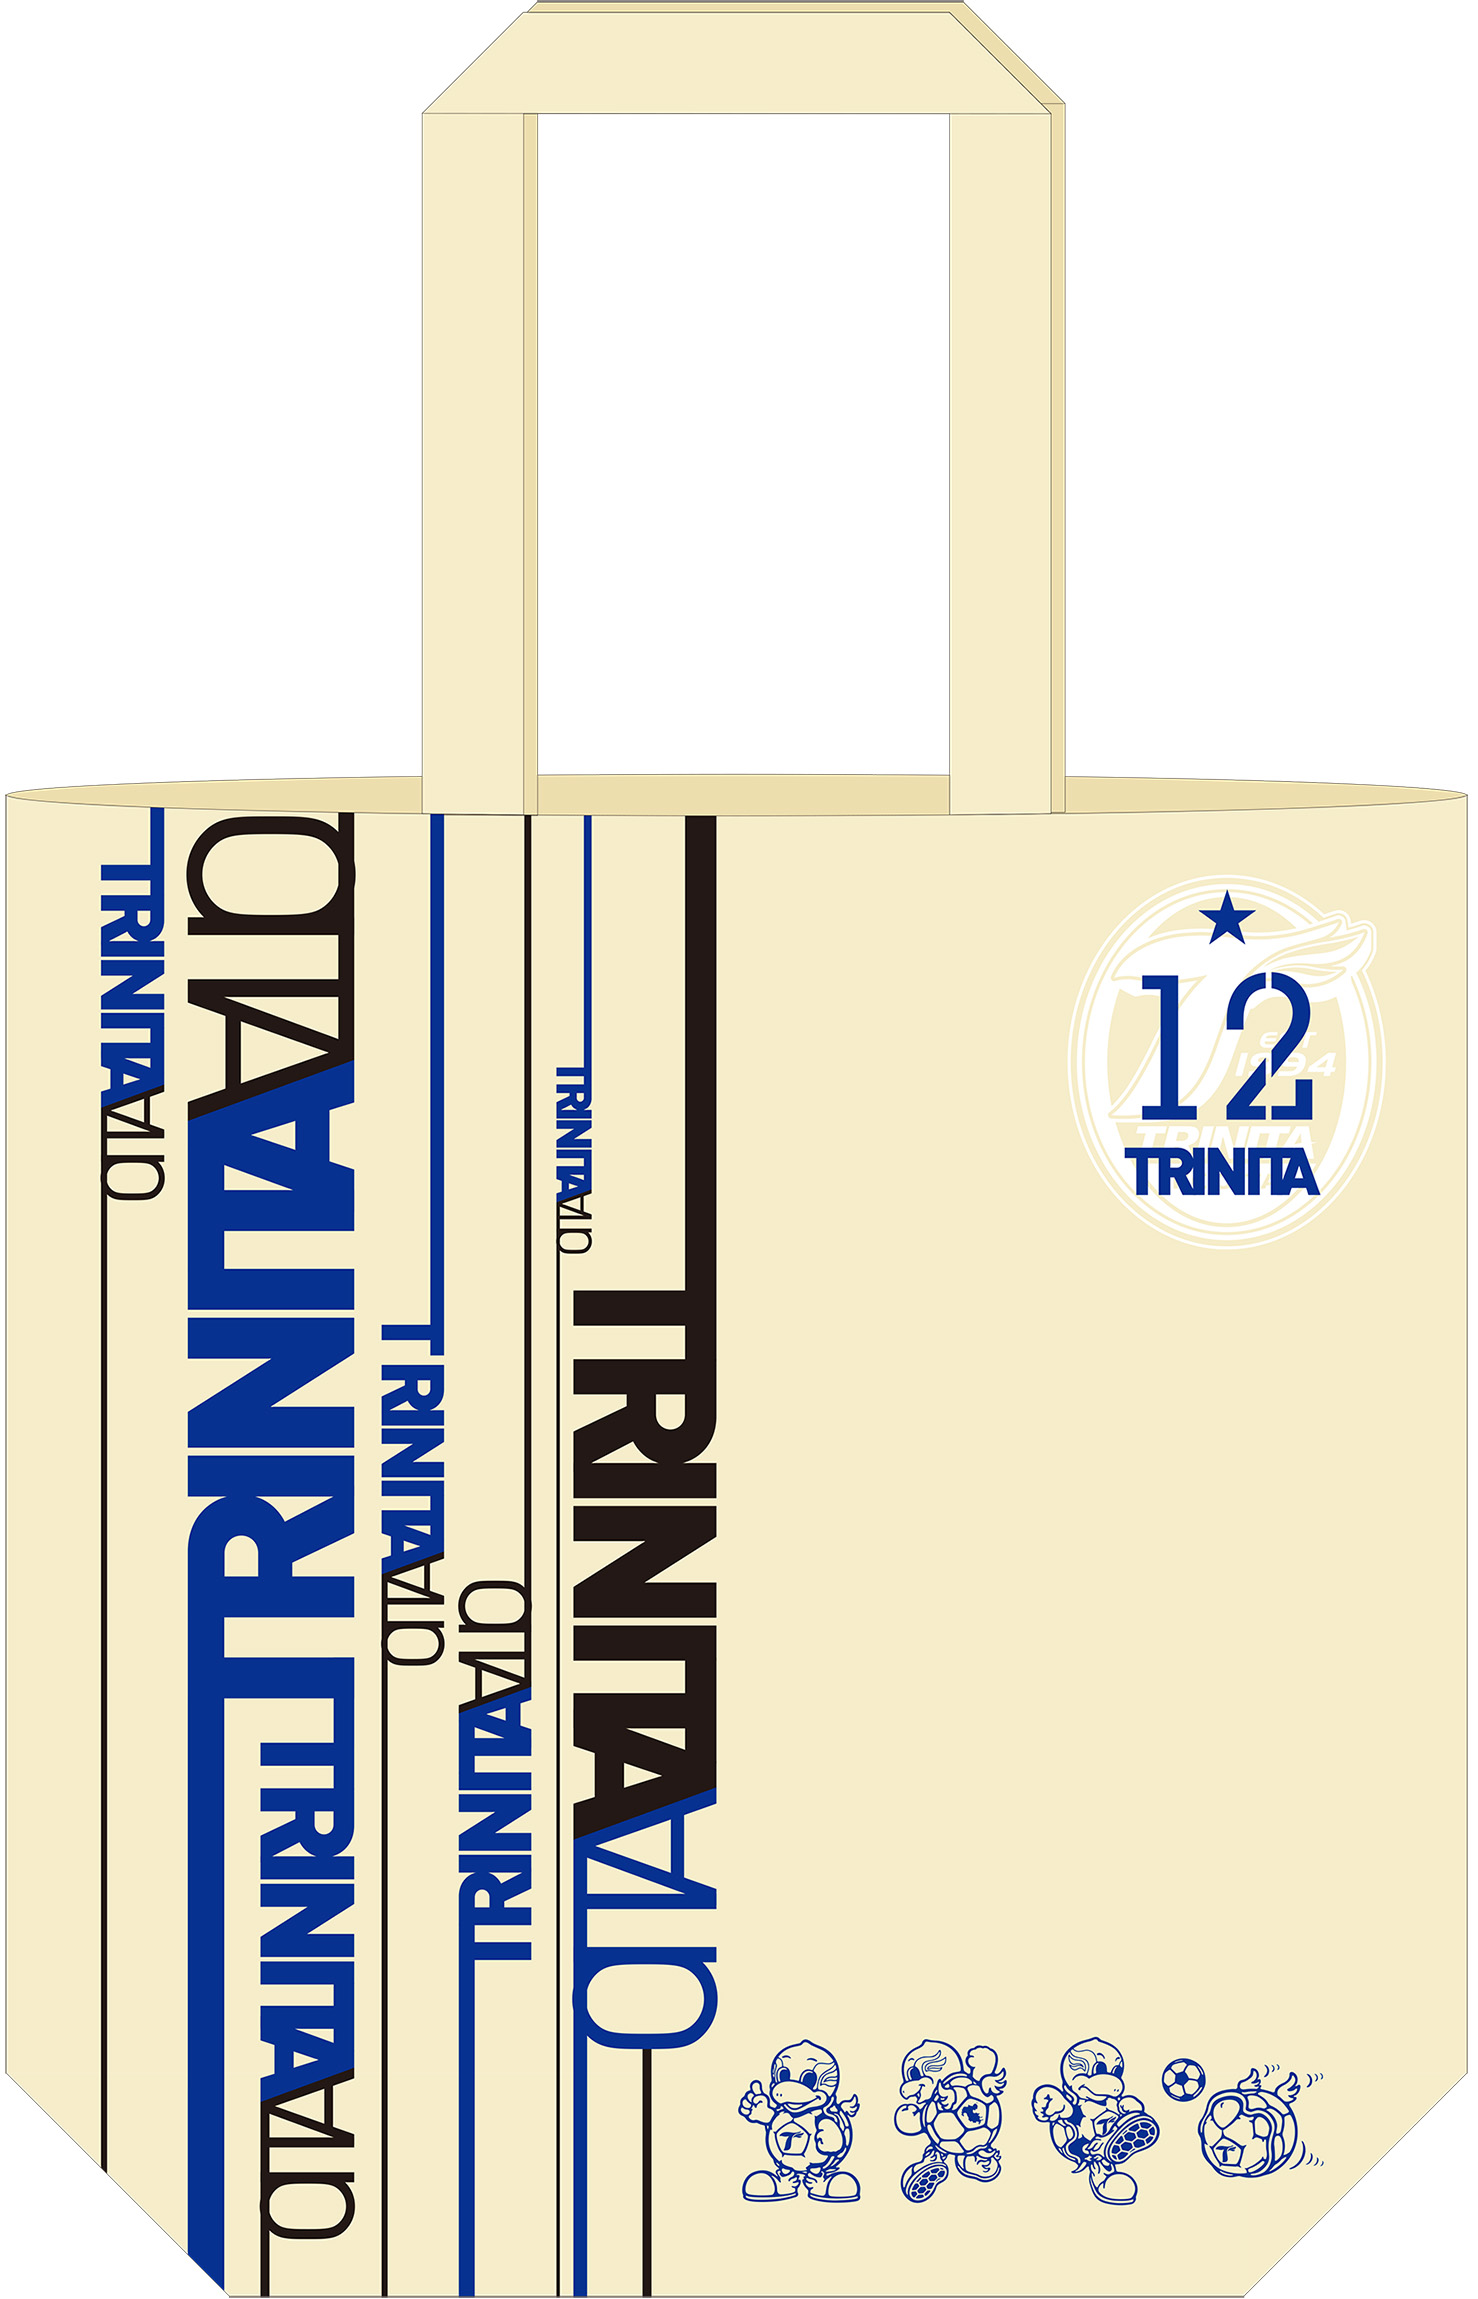 OITA TRINIITA 2011グッズ トートバッグ